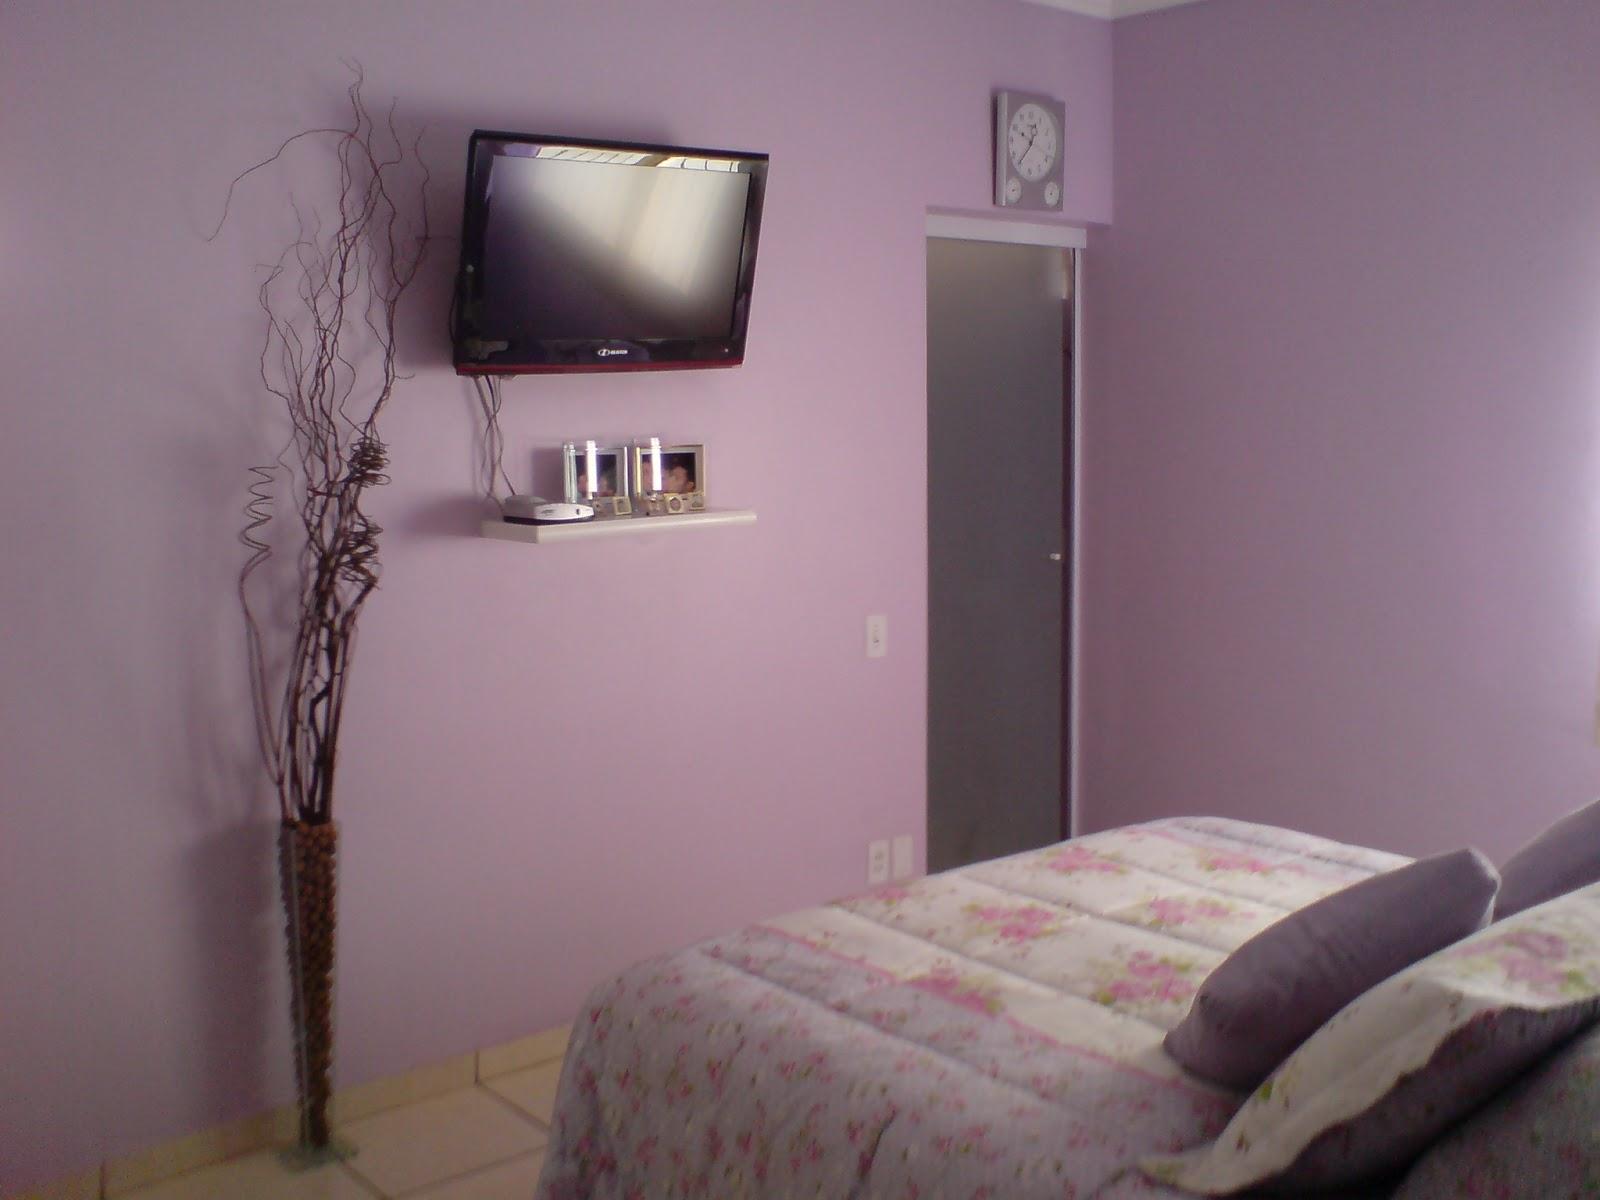 #735D4D Datoonz.com = Decoracao Lilas Sala ~ Várias idéias de design  1600x1200 px Banheiros Decorados Lilas 1007